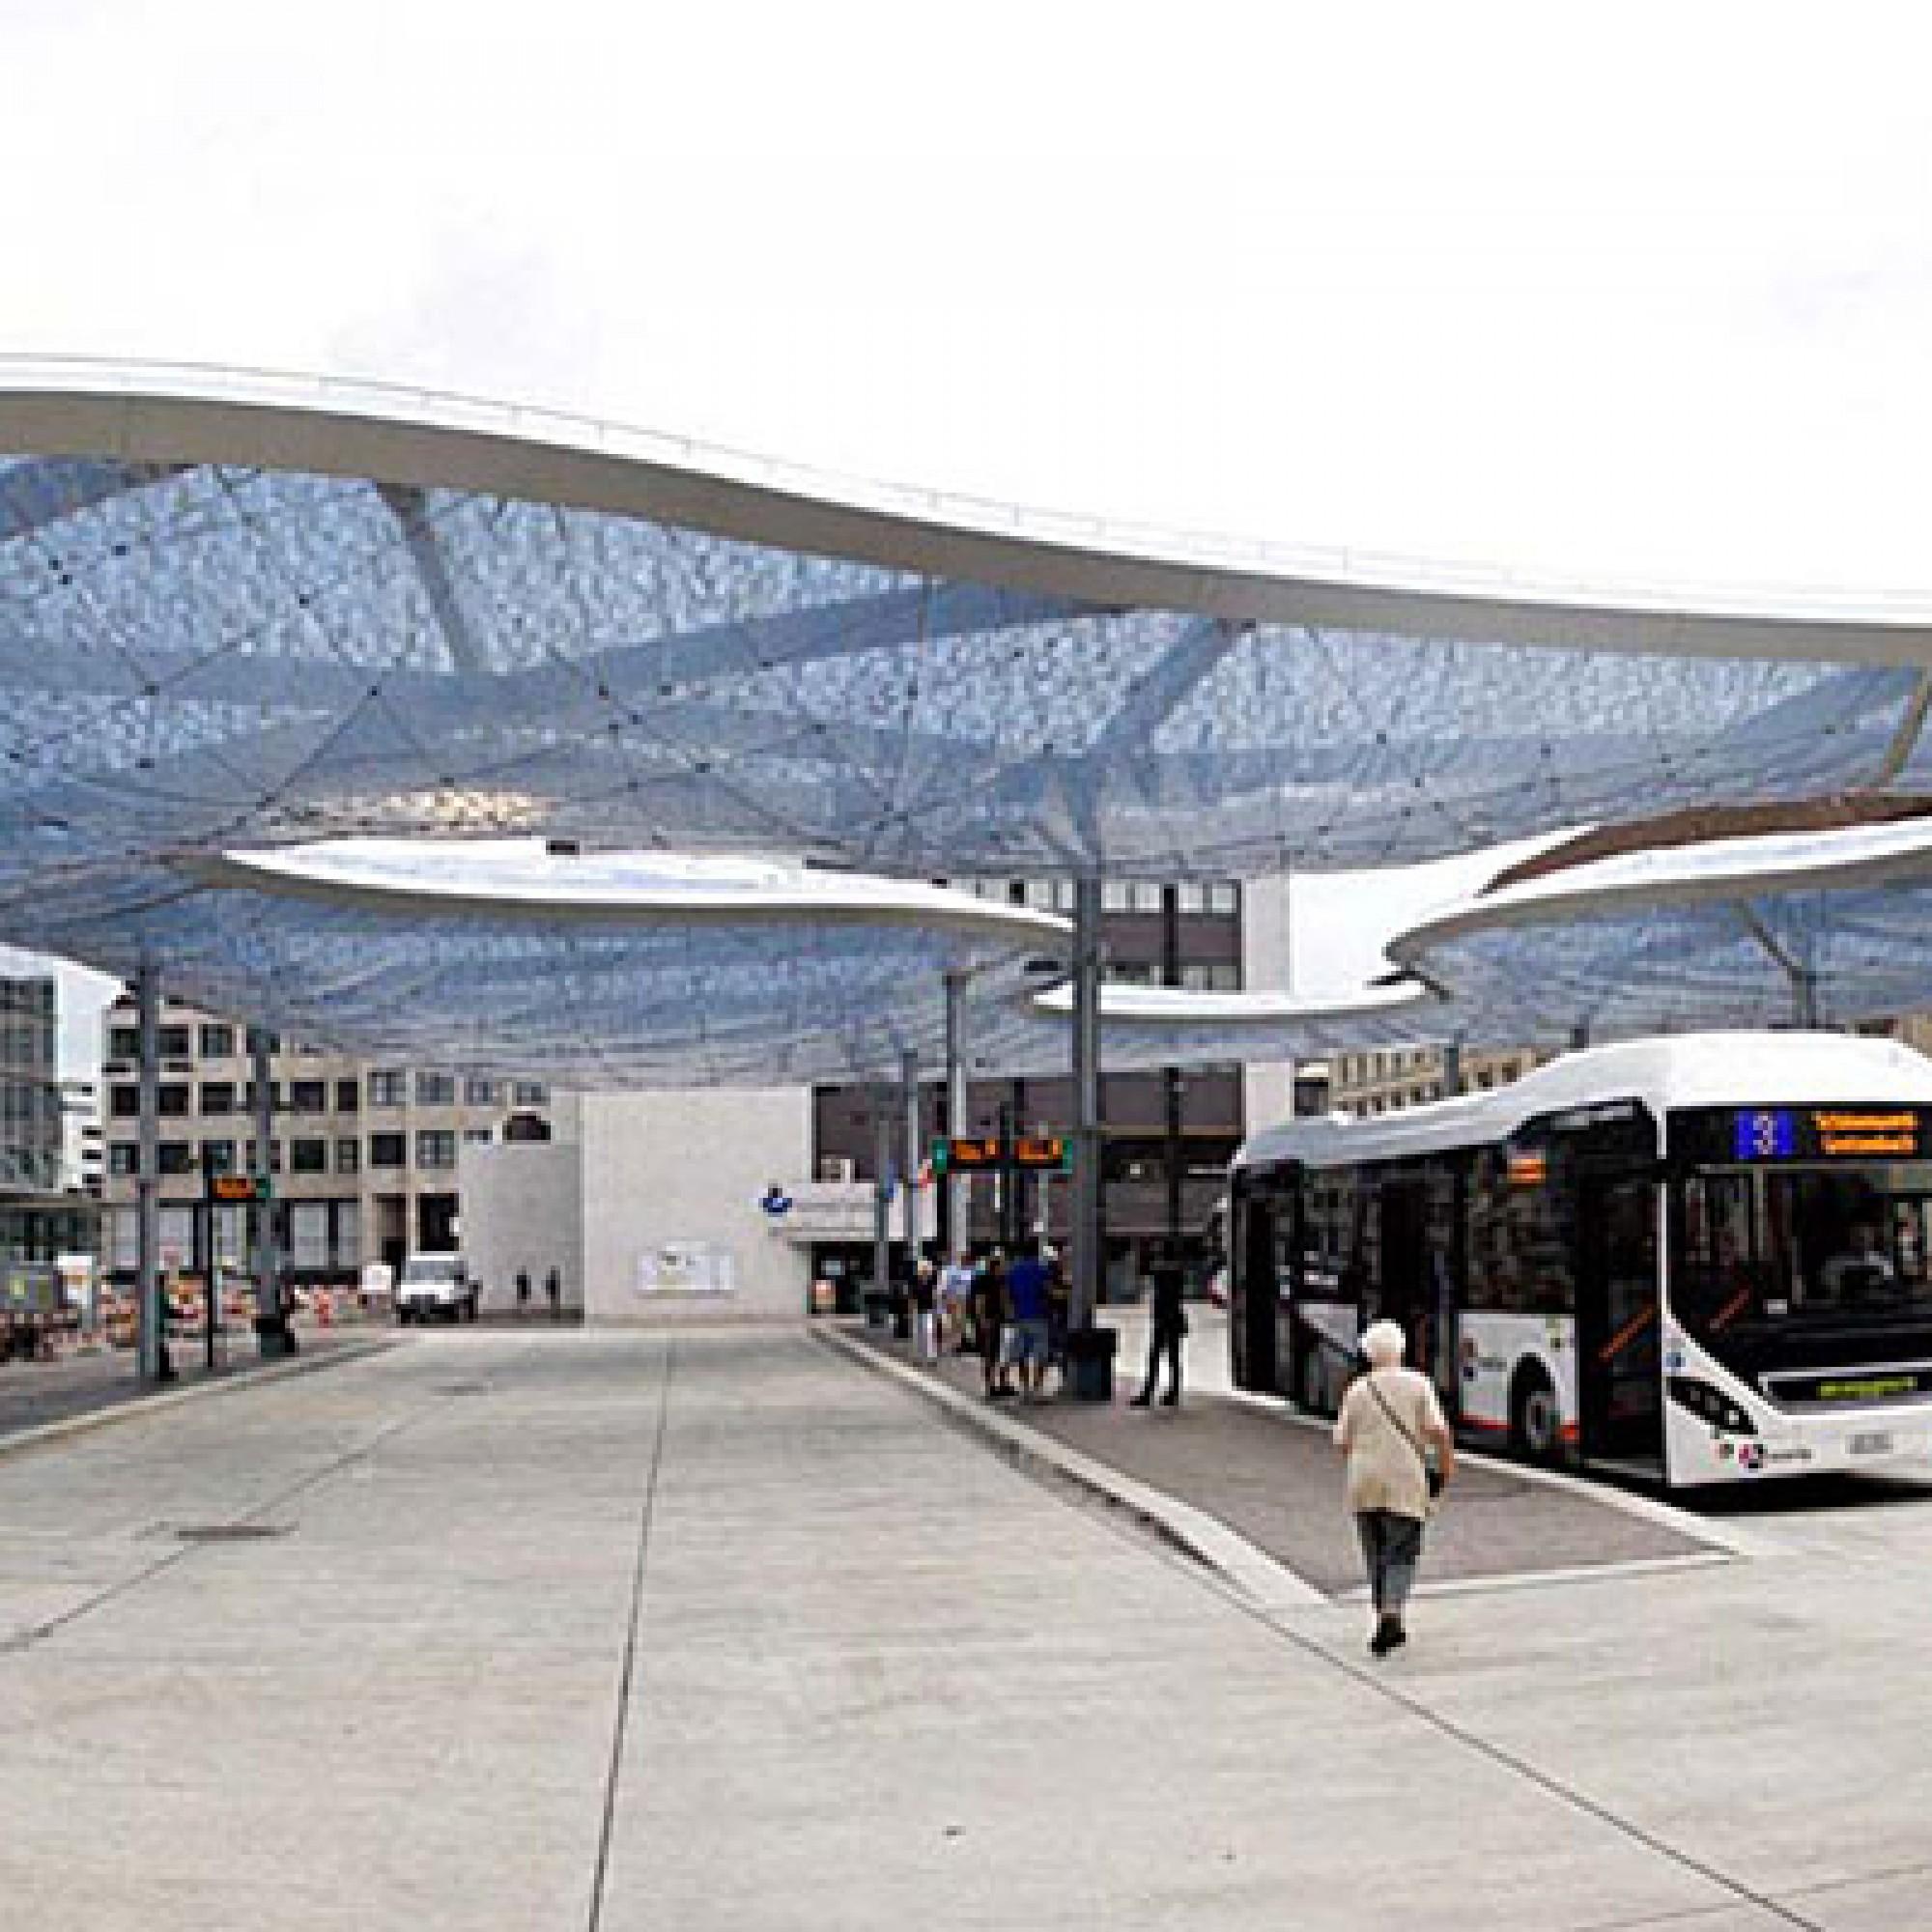 Die Architekten Mateja Vehovar und Stefan Jauslin (vja, Zürich) schufen mit ihrem federleichten Folienkissendach einen freundlichen Ort für Pendler, die in Aarau von den SBB auf die AAR Busse umsteigen. (Bild: pd)